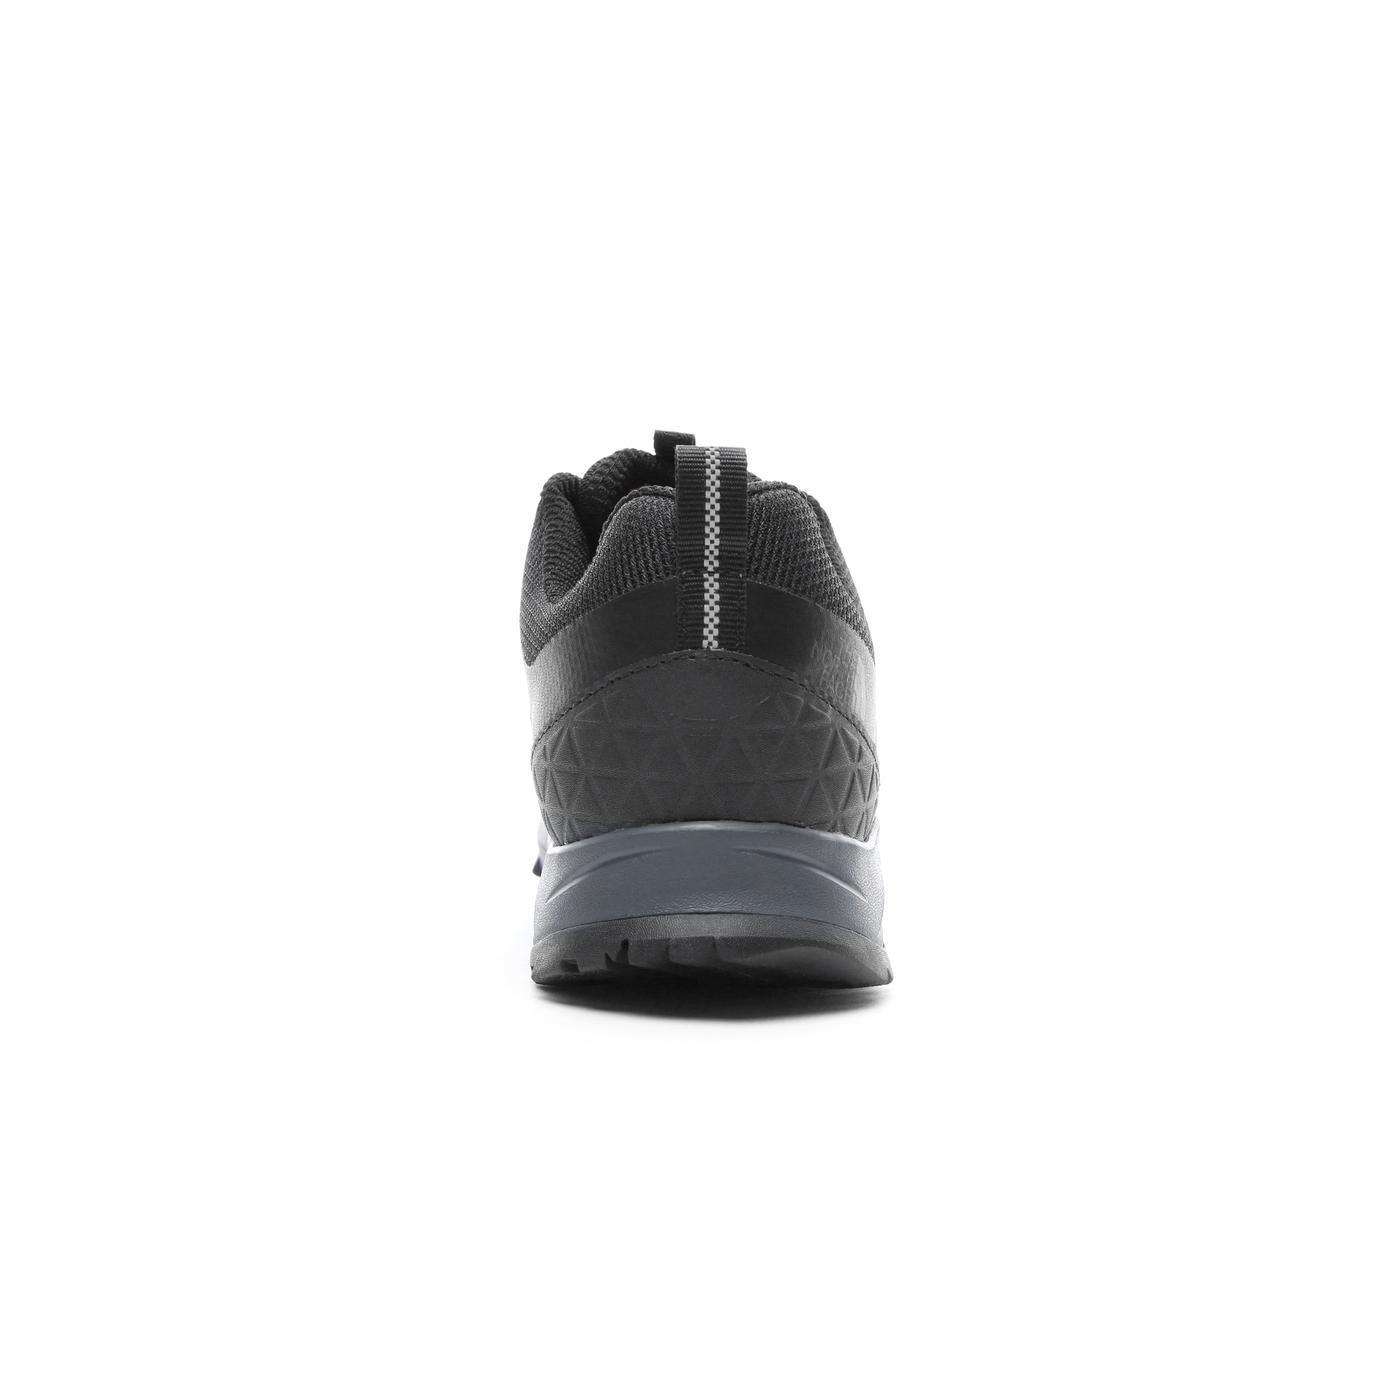 The North Face Erkek Litewave Fastpack II Gore-Tex® Siyah Doğa Yürüyüşü Ayakkabısı